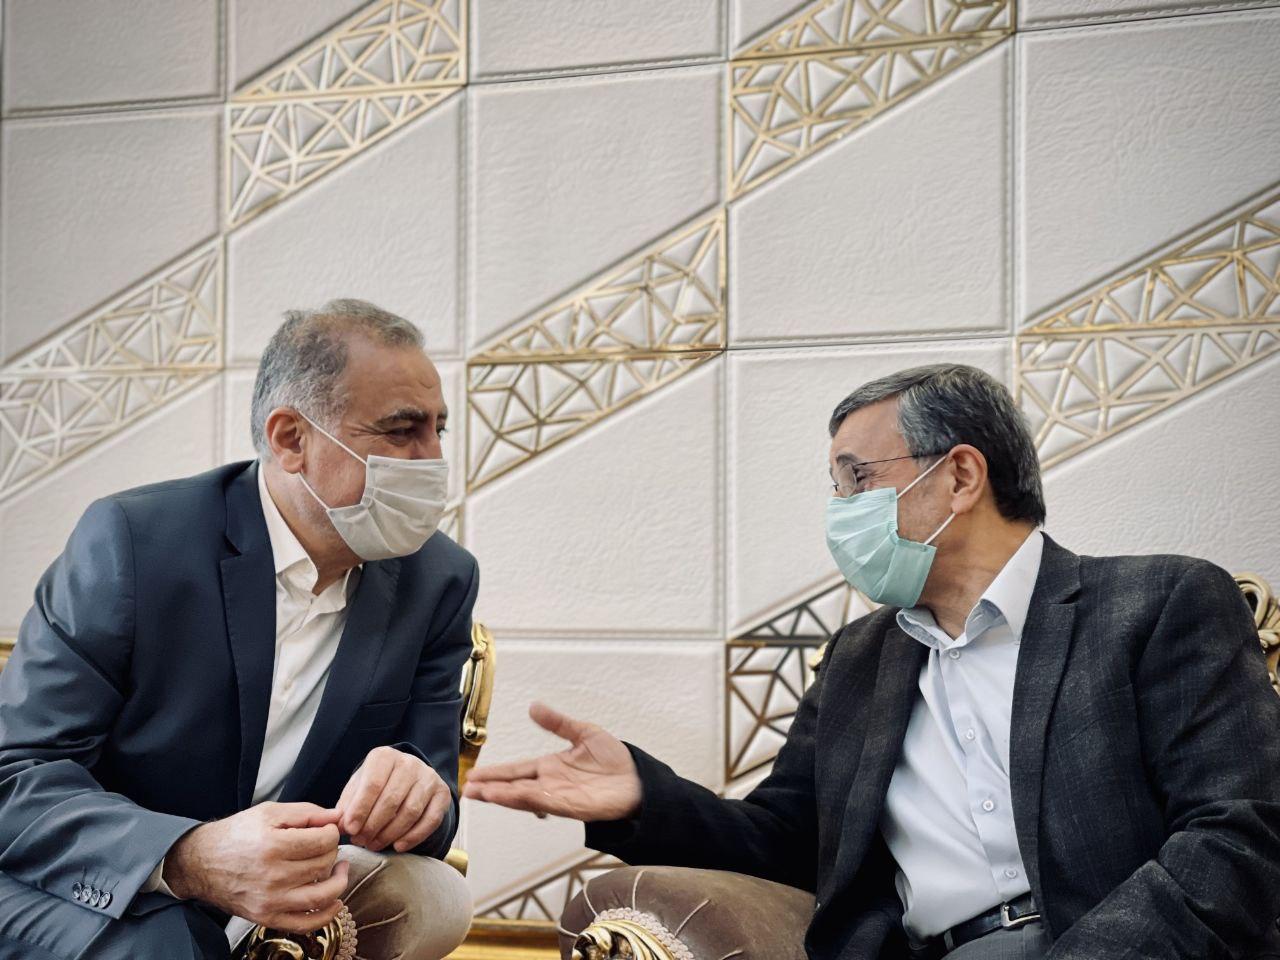 سفر جنجالی احمدی نژاد و همسرش به دبی + عکس